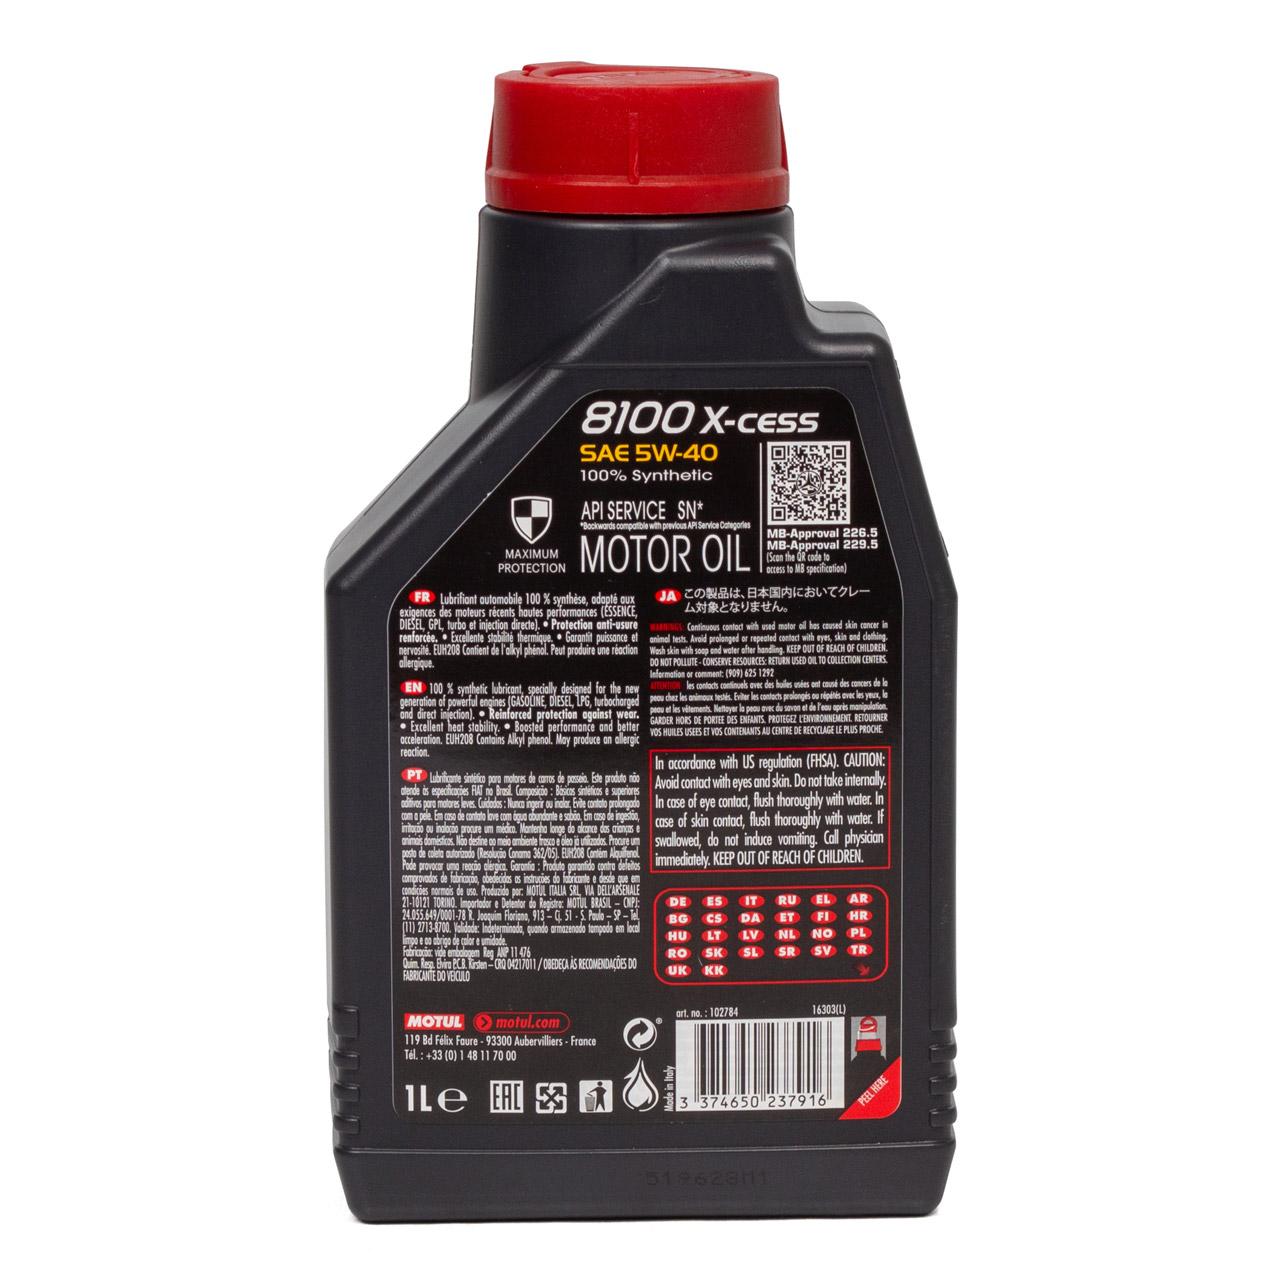 MOTUL 8100 X-cess Motoröl Öl 5W40 MB 229.5/226.5 VW 502.00/505.00 - 1L 1 Liter